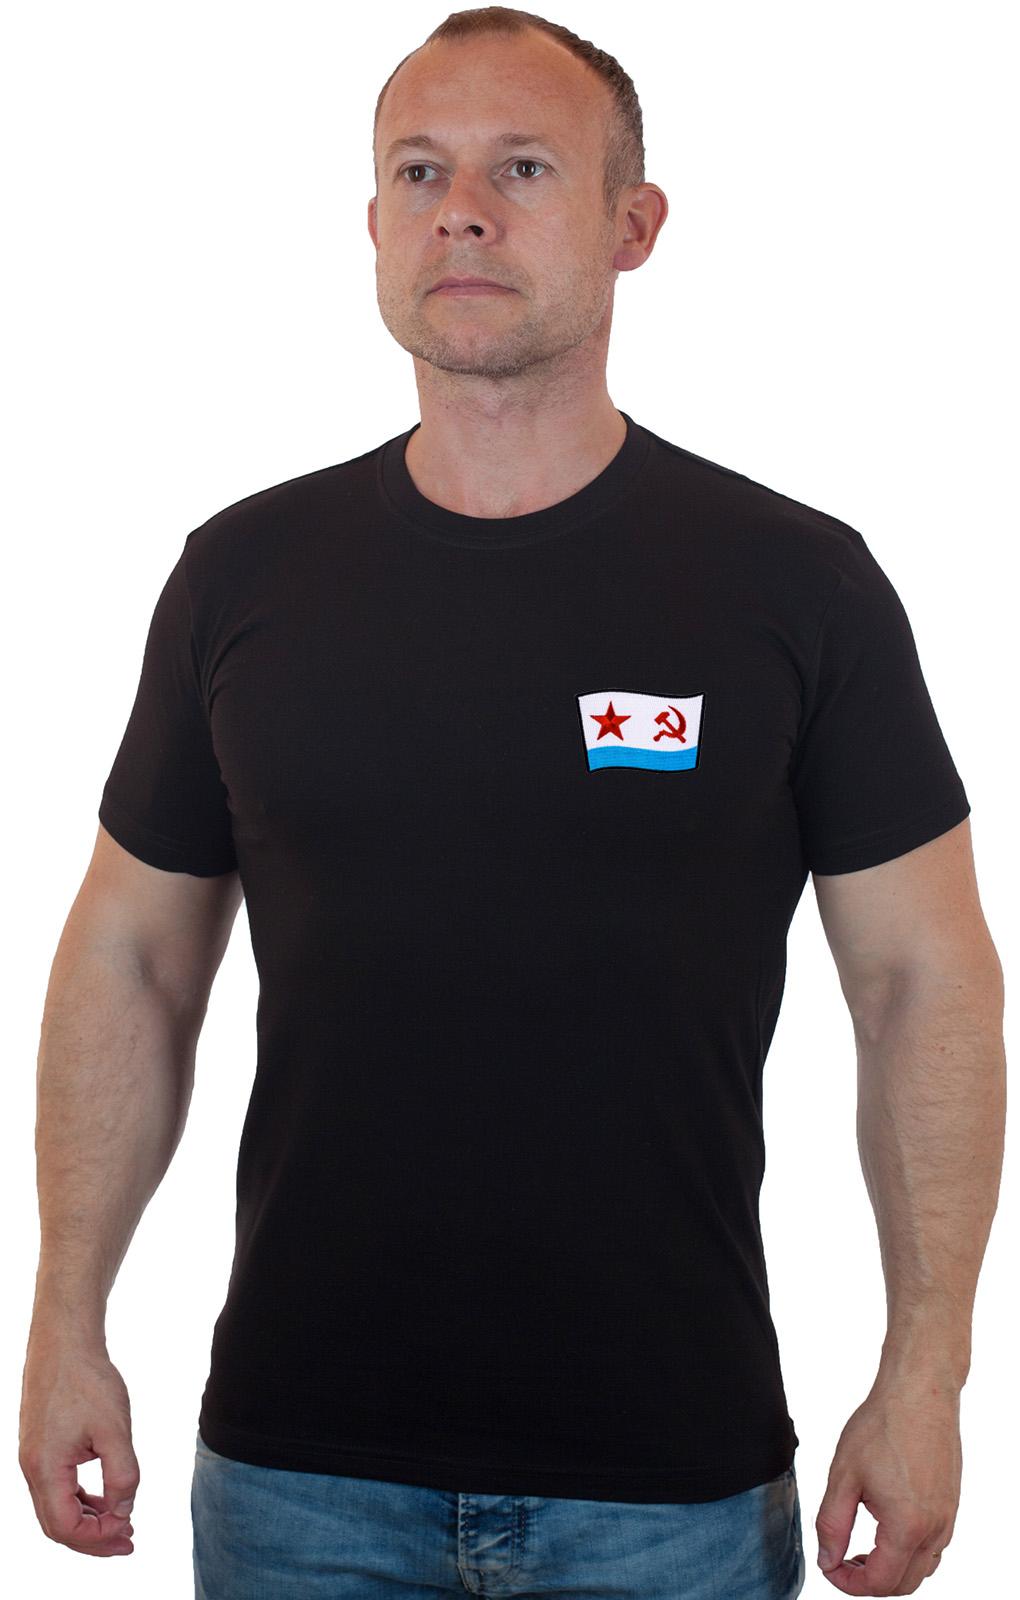 Купить в интернет магазине черную футболку с символикой ВМФ СССР